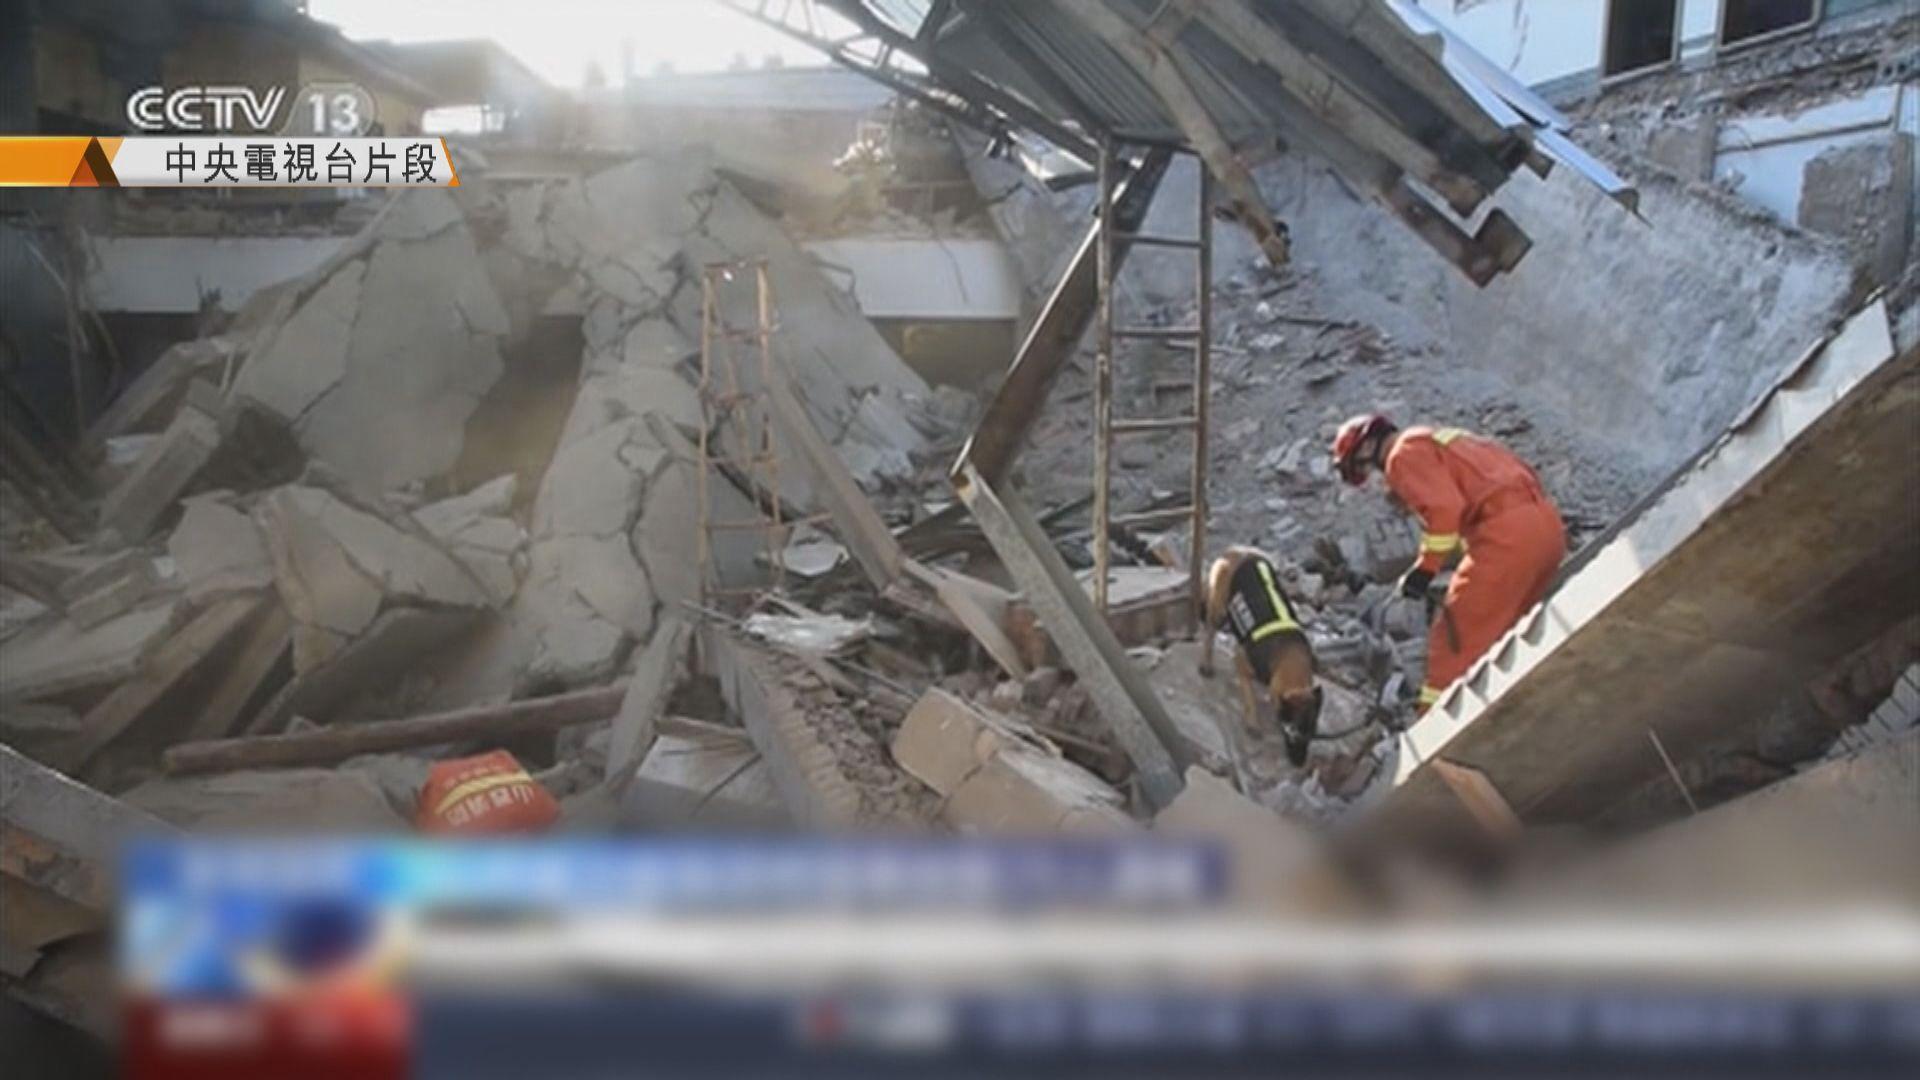 山西臨汾飯店倒塌事故 增至29人死亡